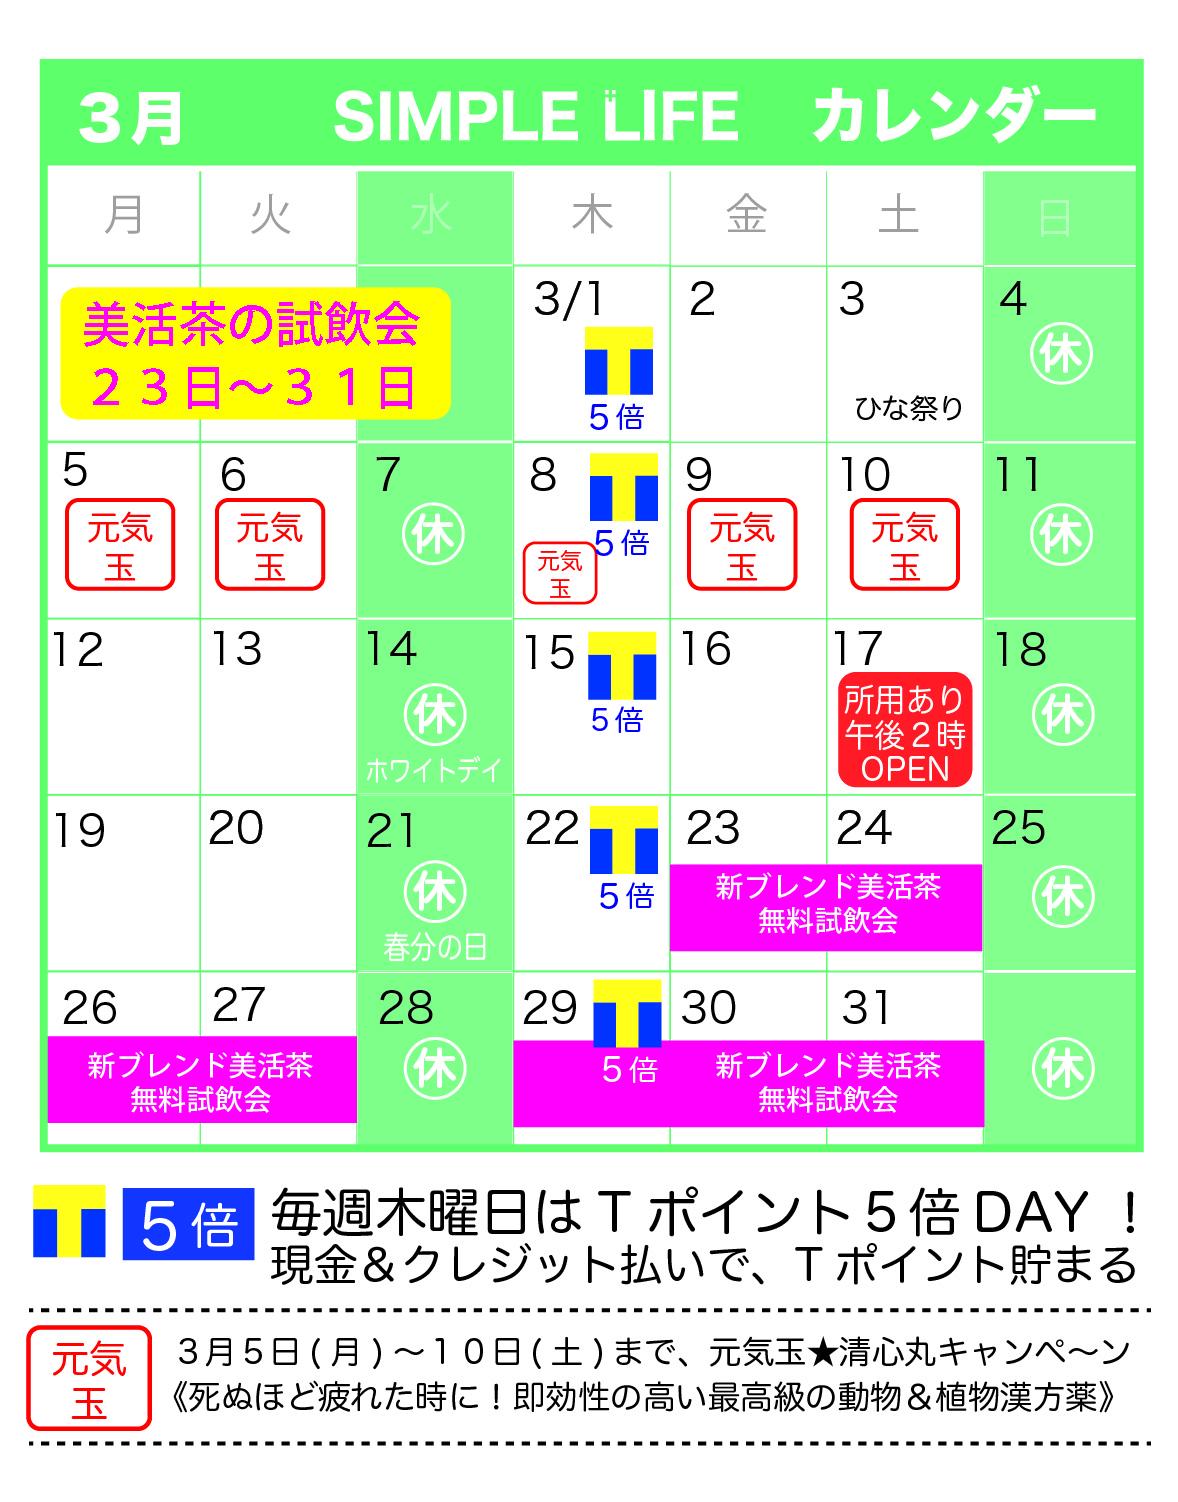 3月 カレンダー SIMPLE LIFE